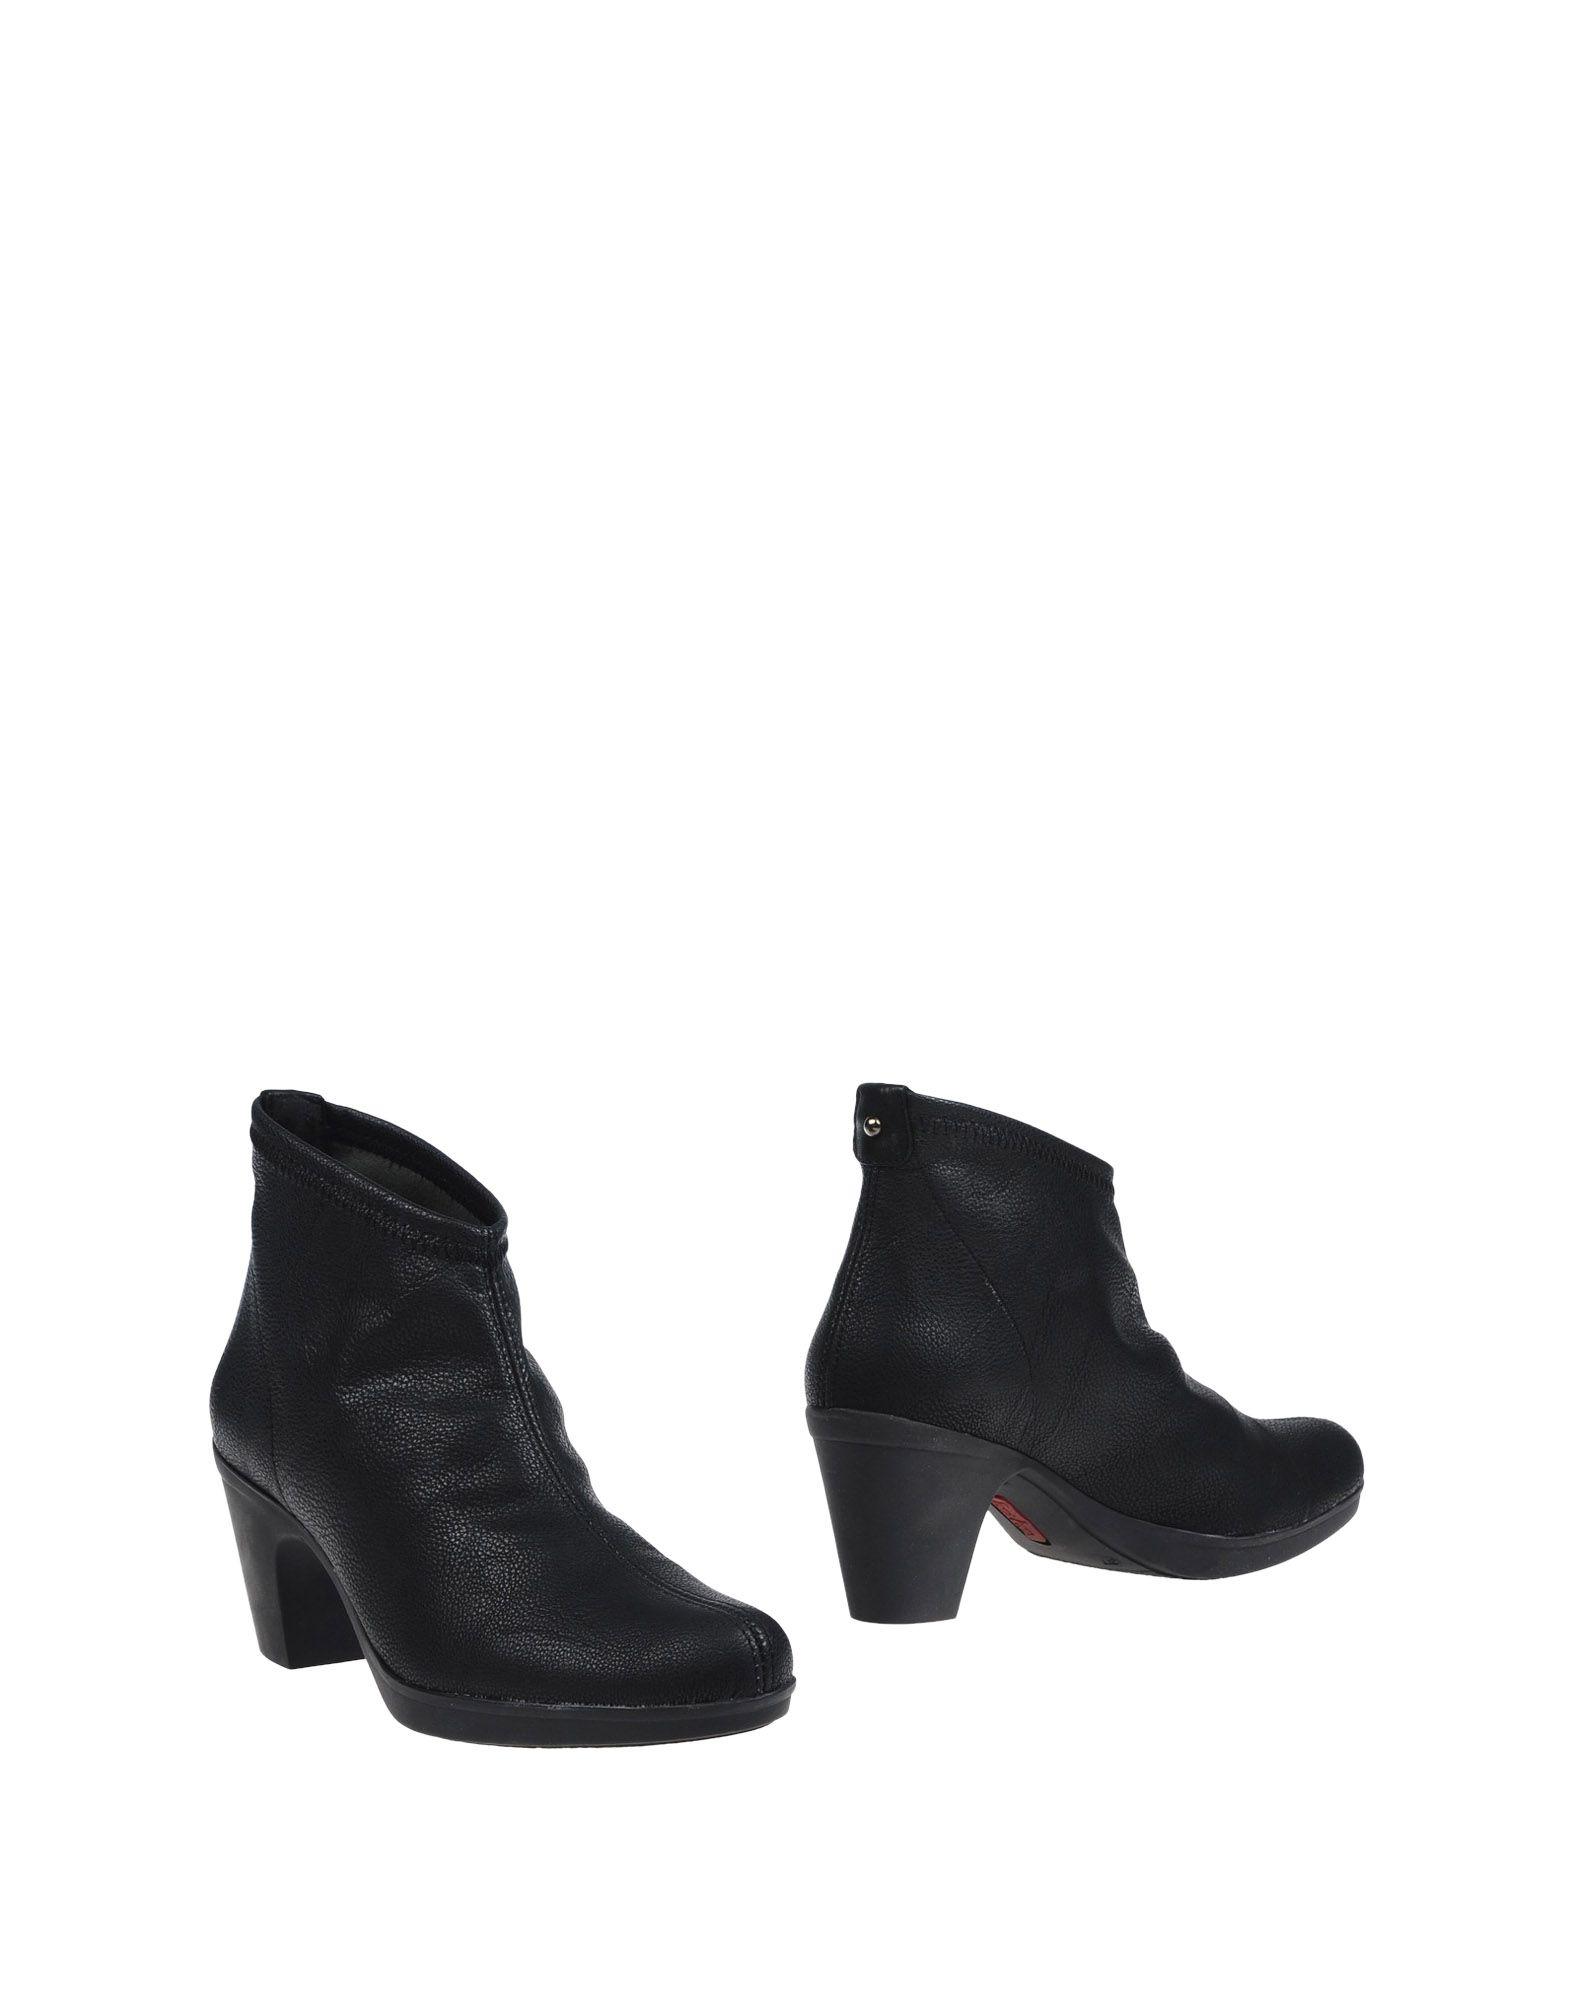 Toni Pons Stiefelette Damen  11269318VM Gute Qualität beliebte Schuhe